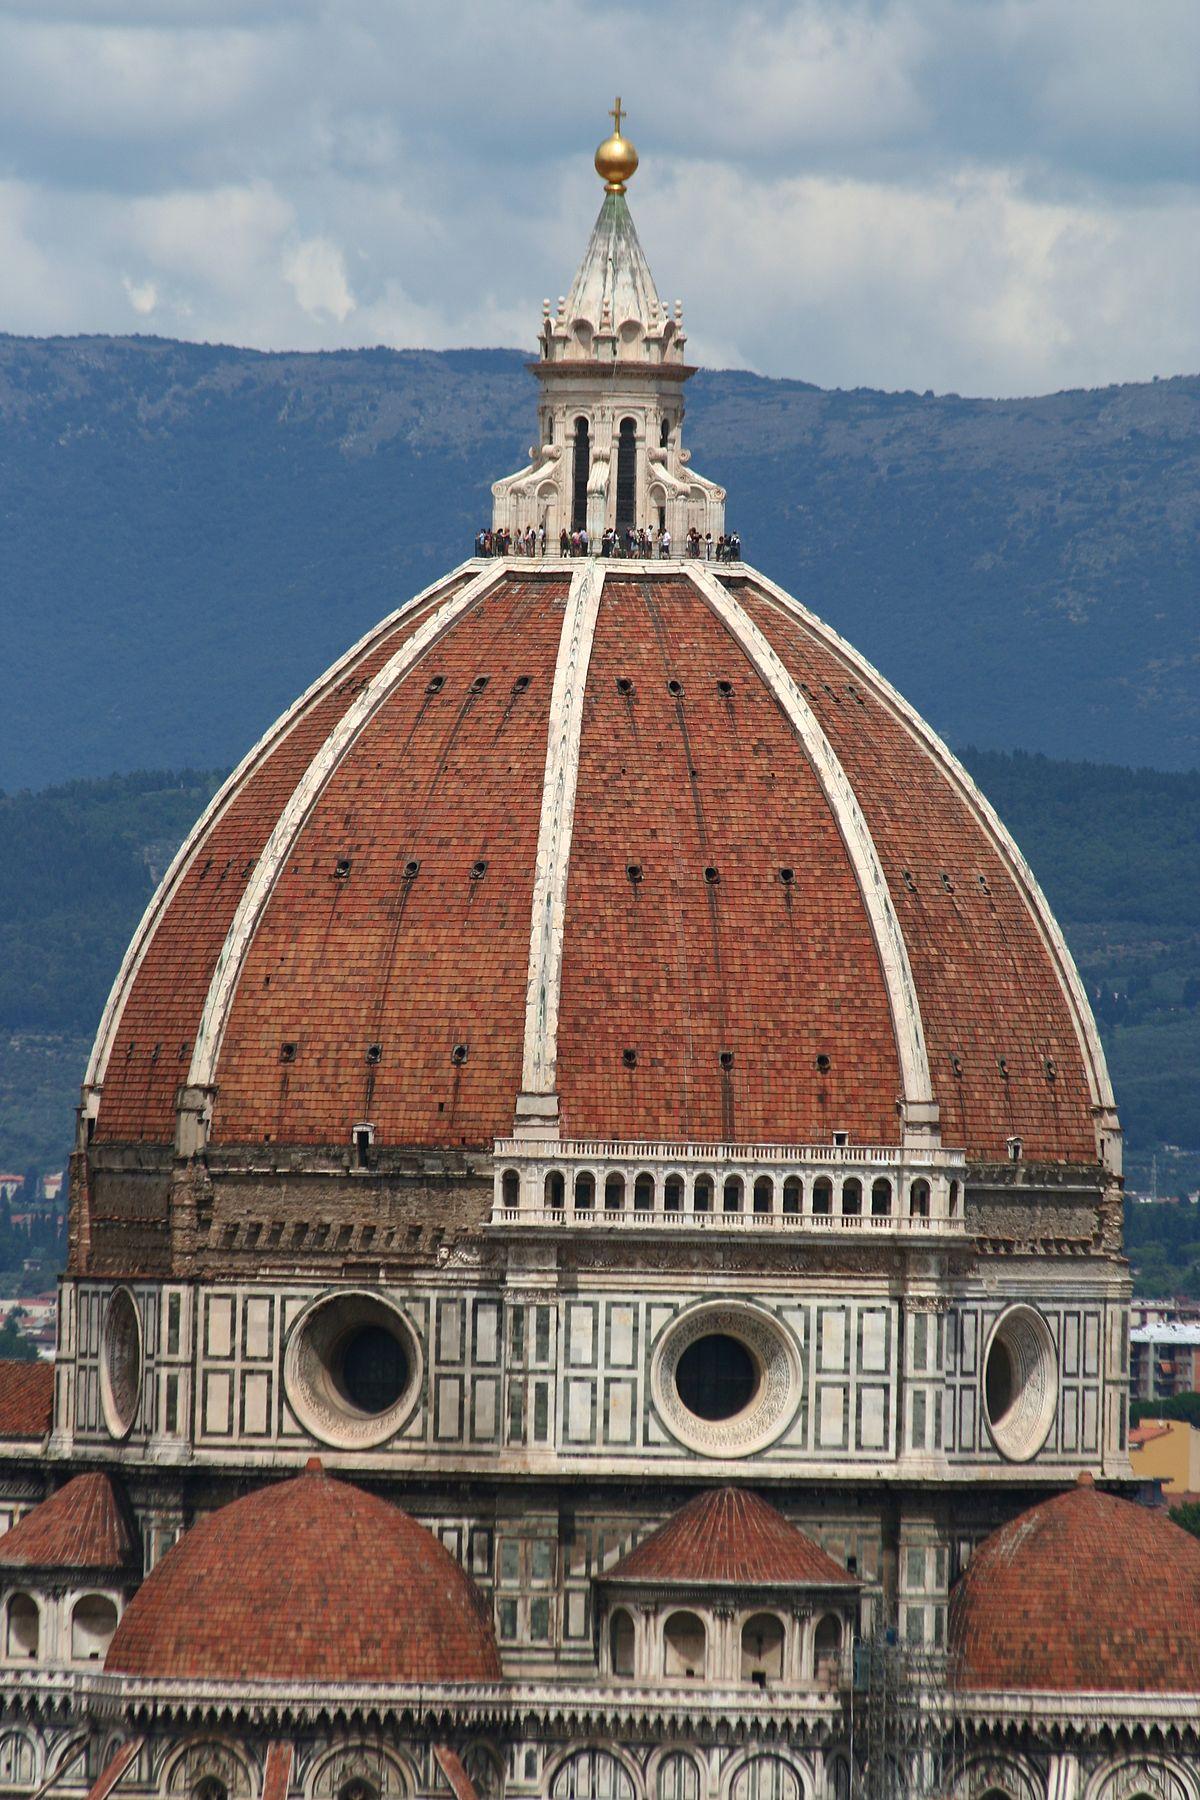 Costruzioni Pi U00f9 Alte Della Citt U00e0 Di Firenze